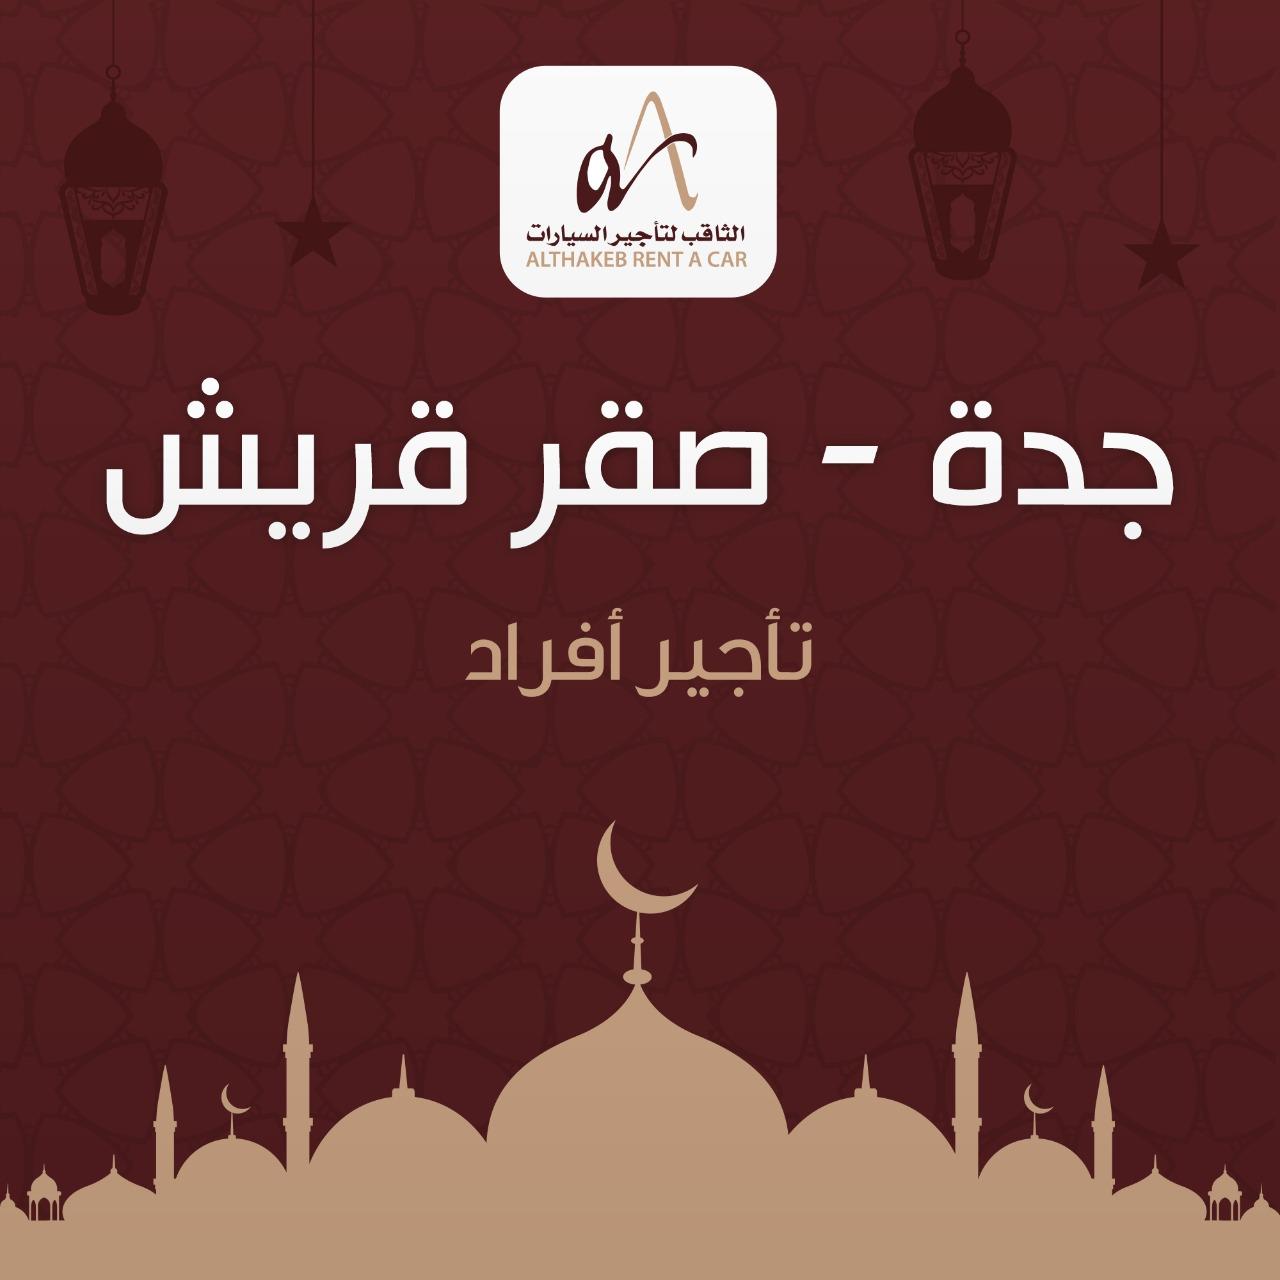 جدة - صقر قريش